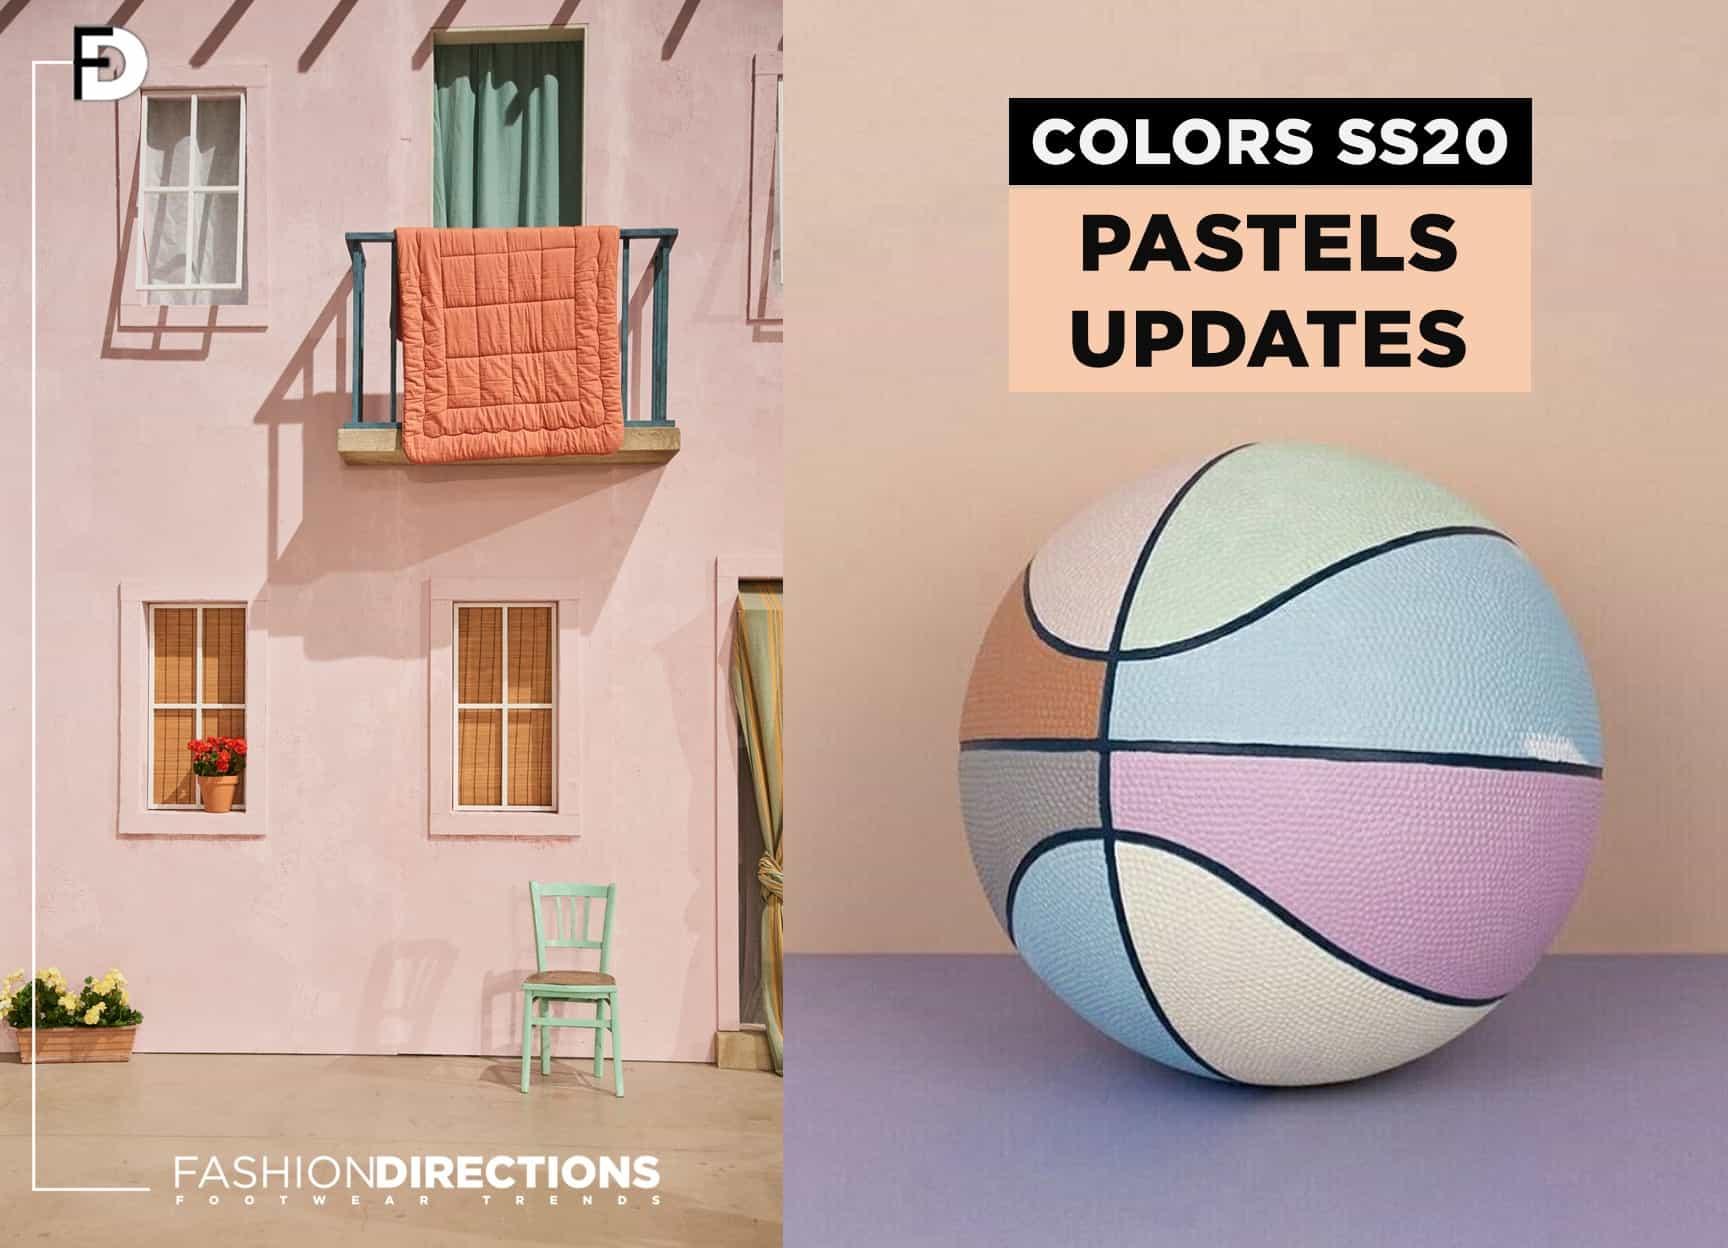 ss20 colors pastels 2